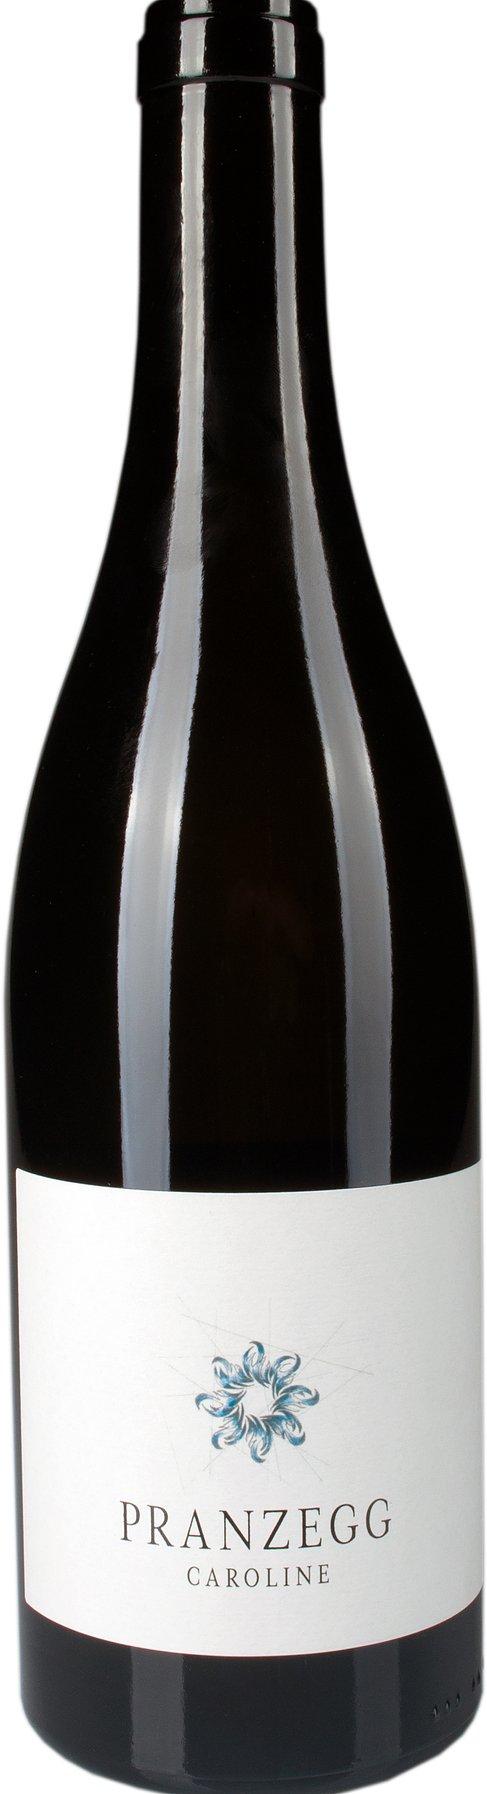 Flasche Wein - Weingut Pranzegg